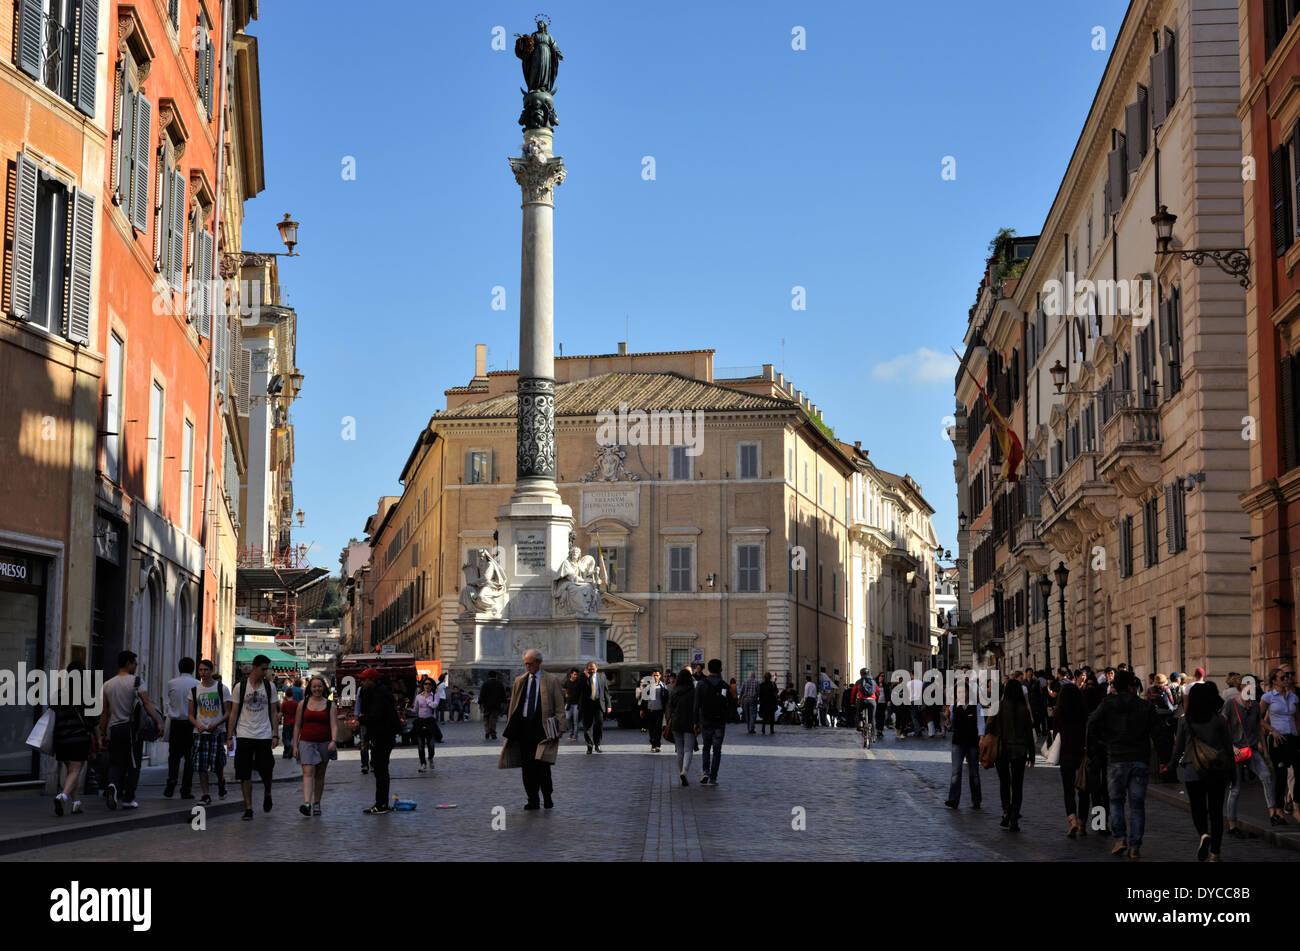 italy, rome, colonna dell'immacolata and palazzo di propaganda fide - Stock Image